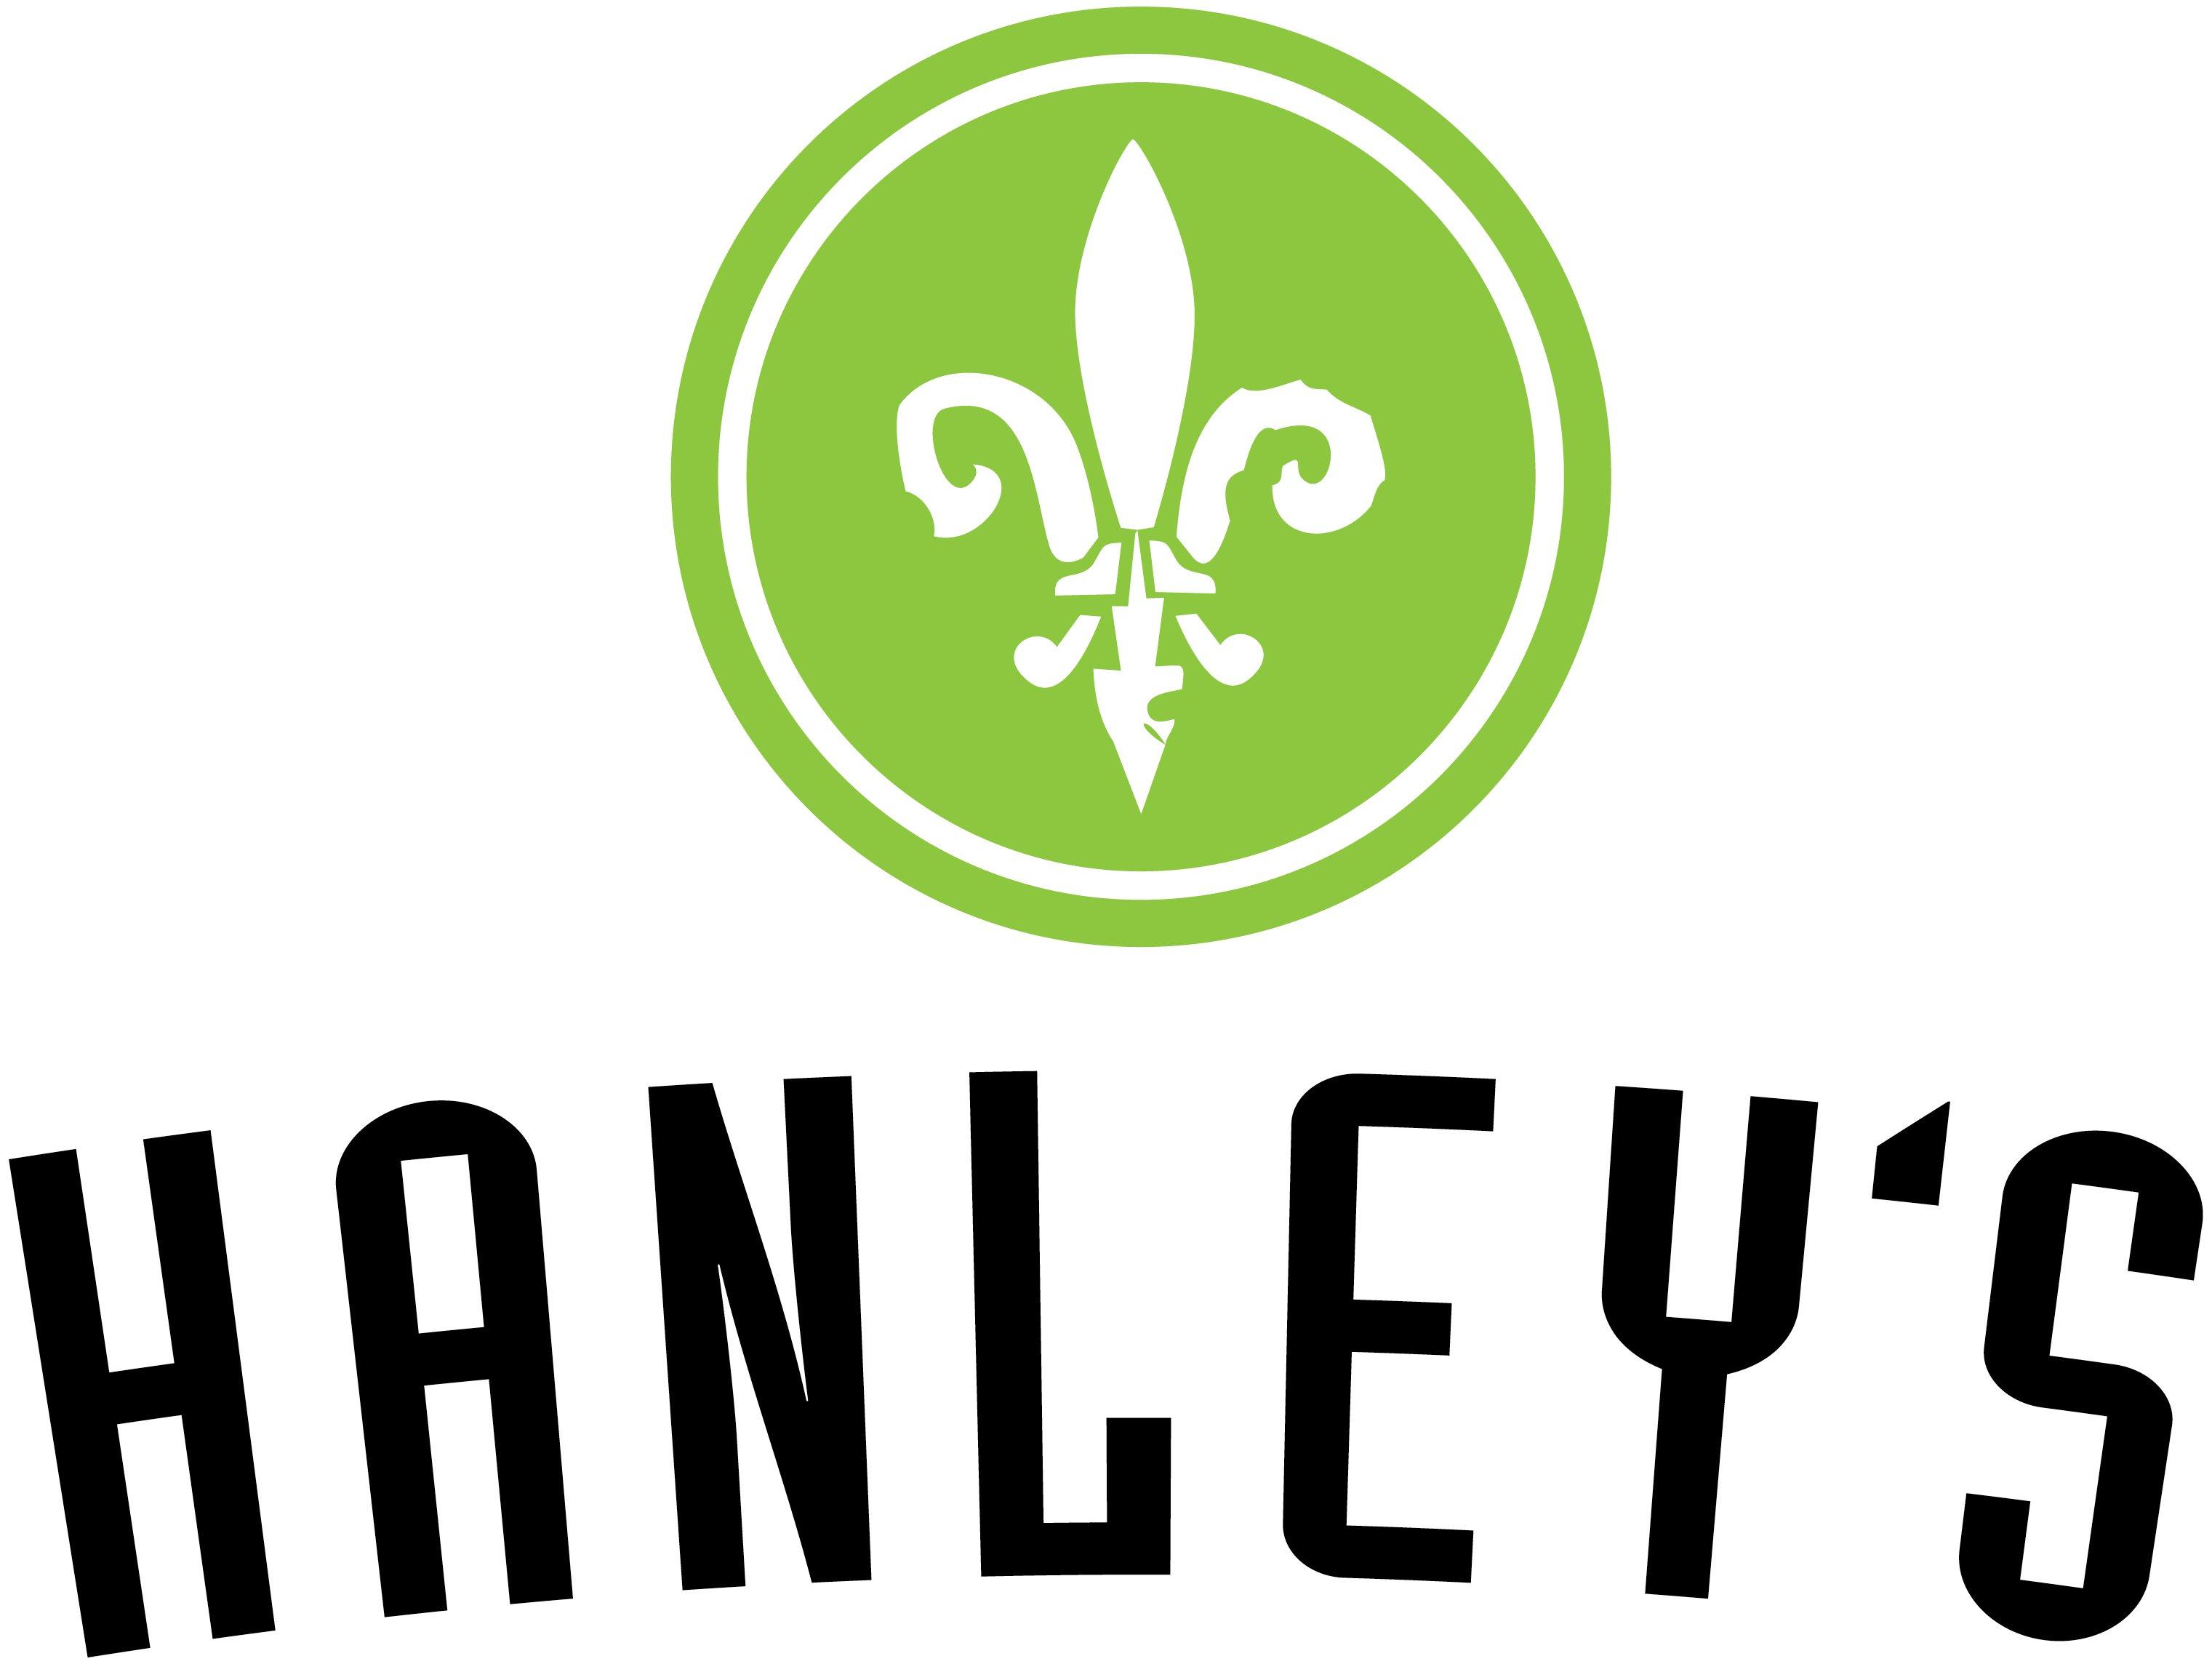 Hanley's Foods